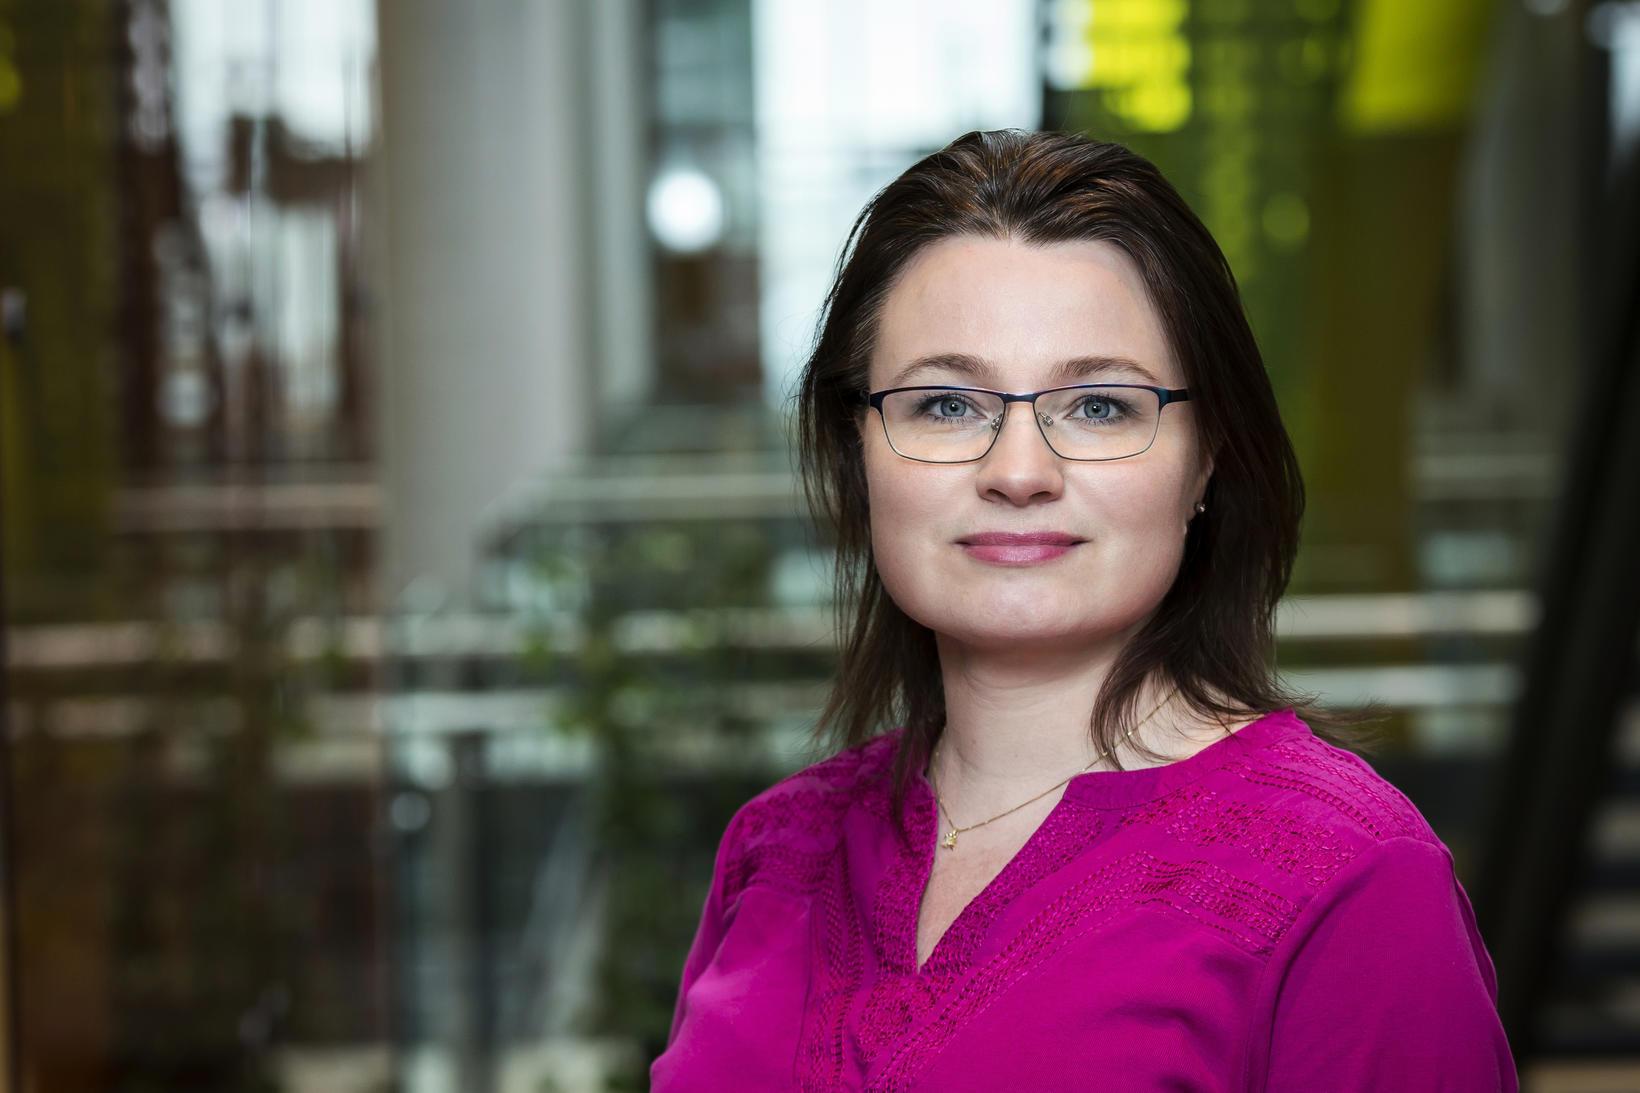 Eyrún María Rúnarsdóttir en nýdoktor og aðjúnkt við menntavísindasvið Háskóla …